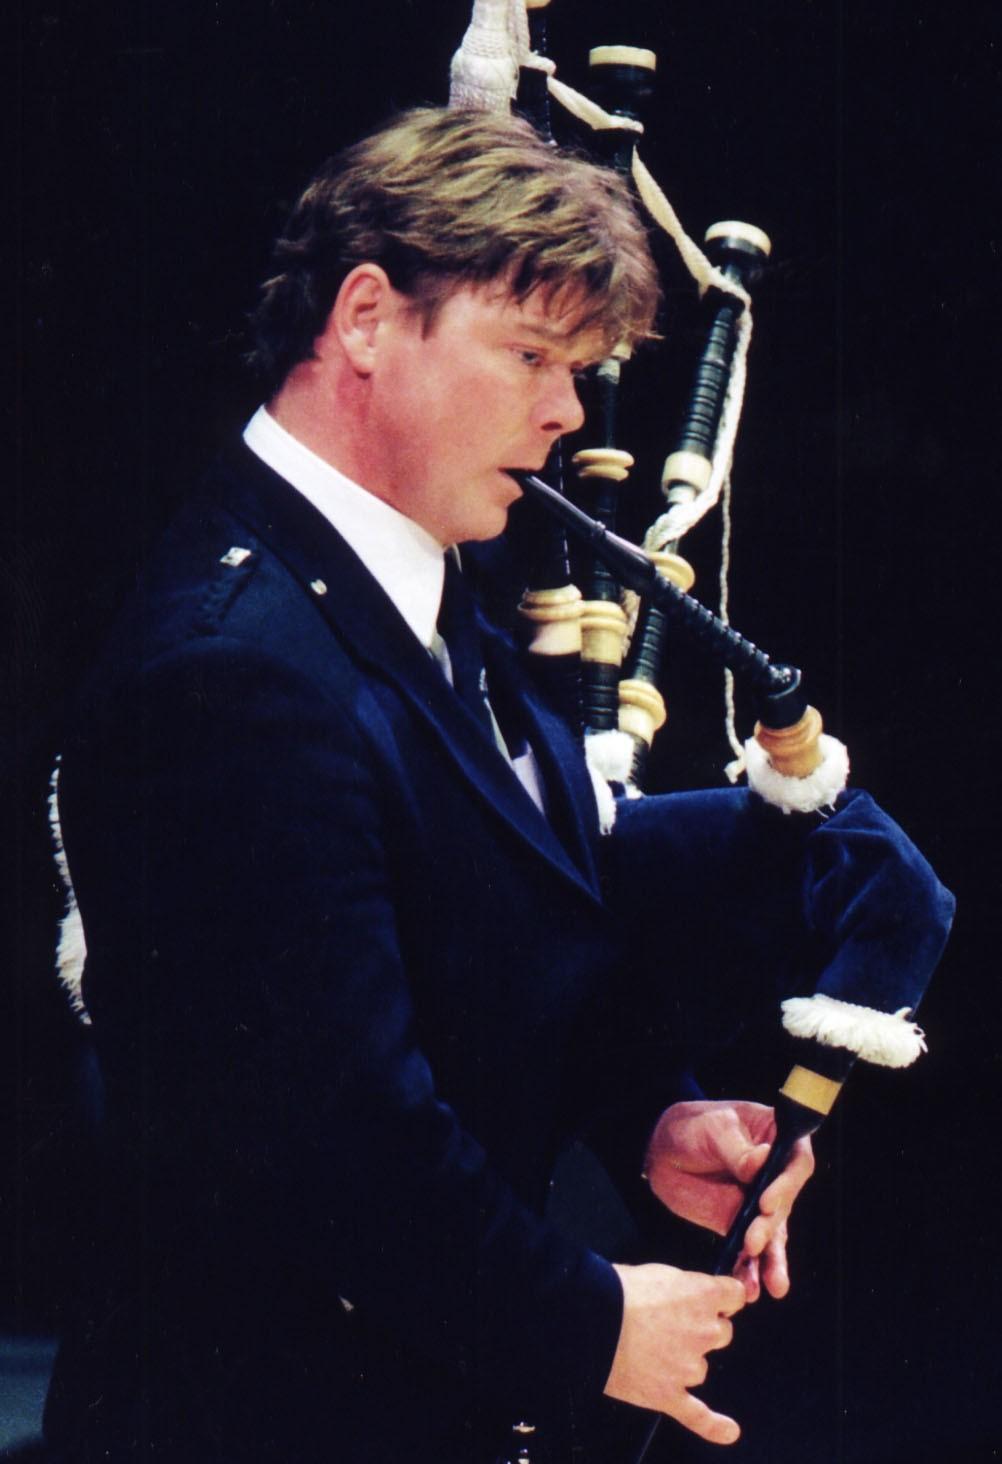 Photo of Gordon taken for the Thunderstruck CD